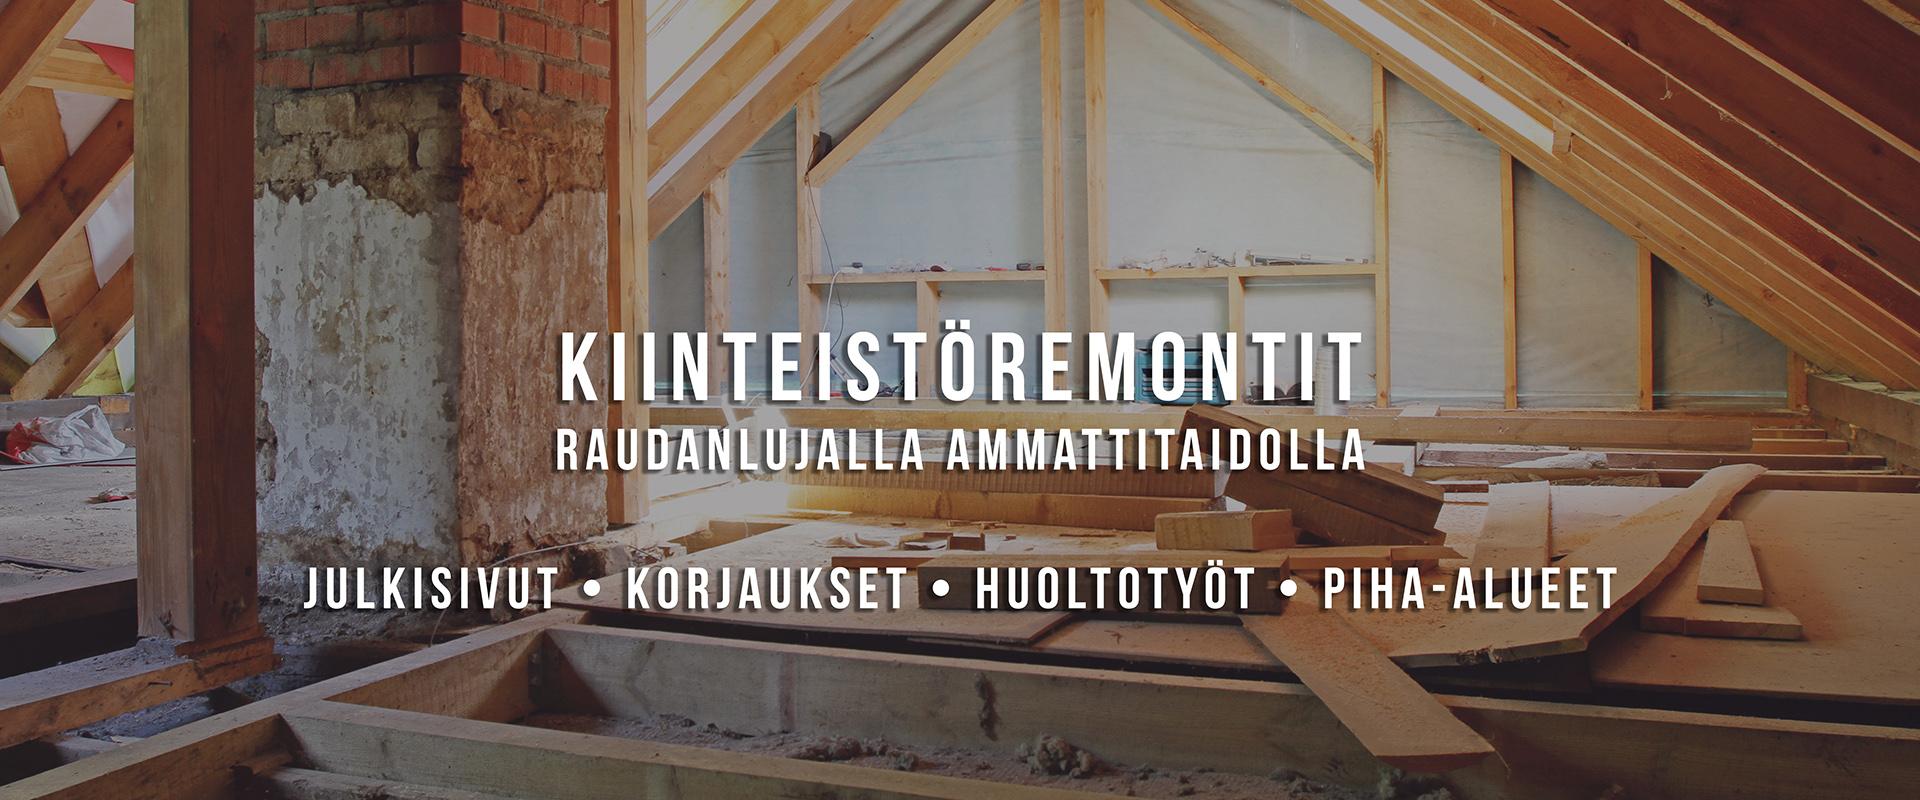 Kiinteistöremontit Pirkanmaalla - Finnish Merle Oy